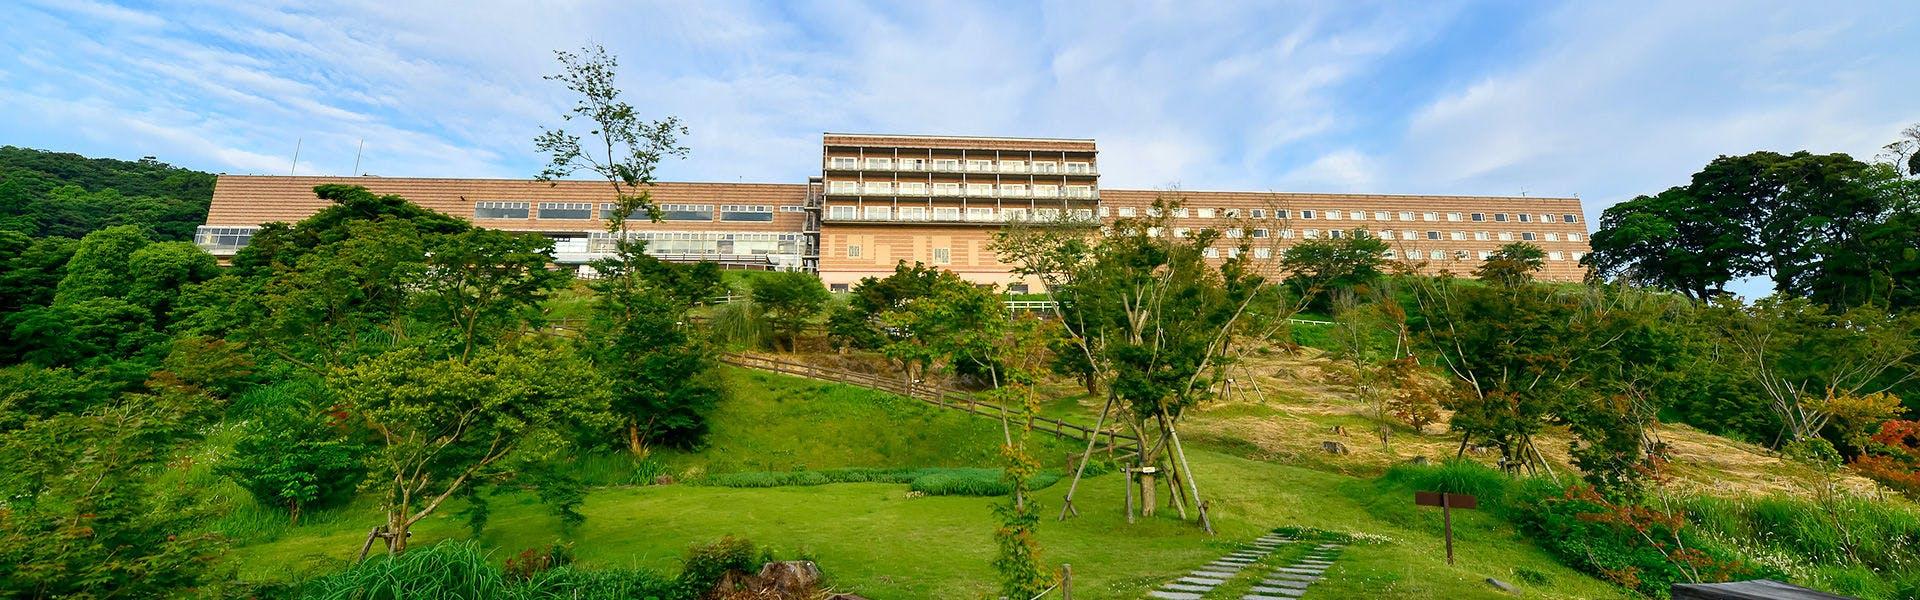 記念日におすすめのホテル・【別邸 天降る丘】 の空室状況を確認するの写真1